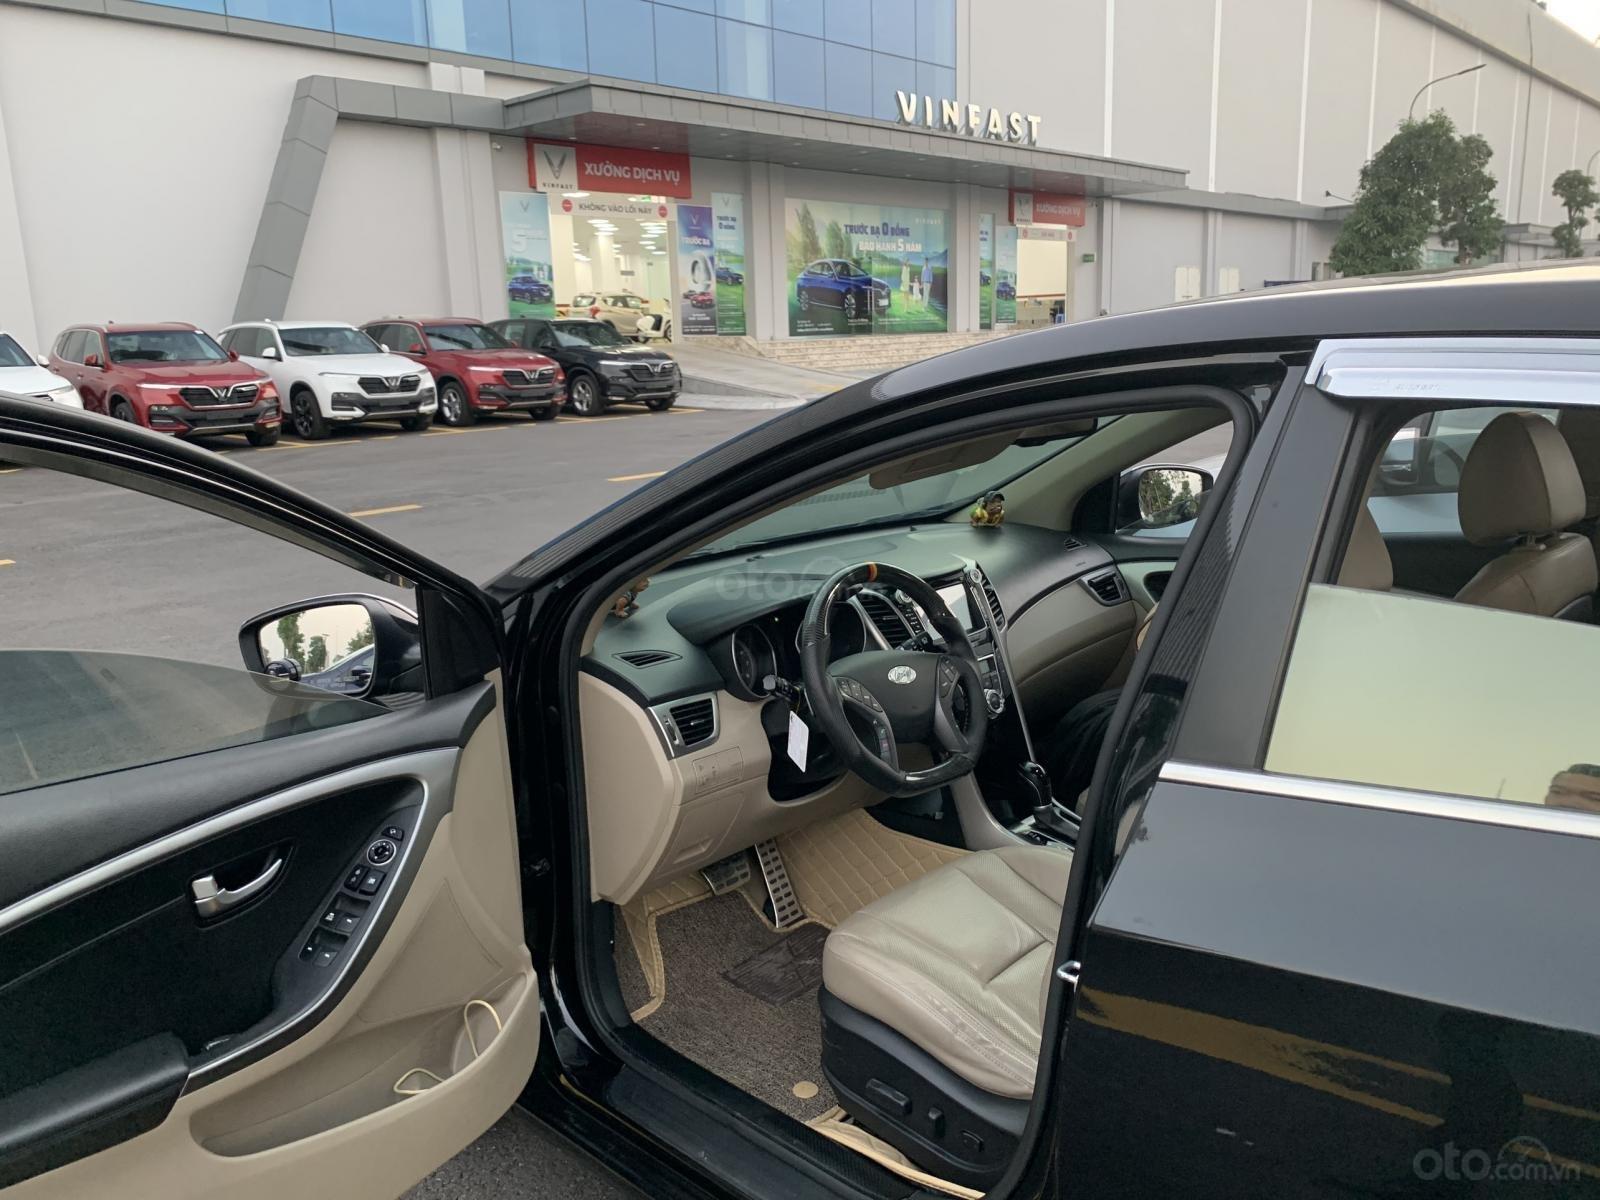 Bán xe Hyundai i30 1.6AT năm sản xuất 2013 (6)